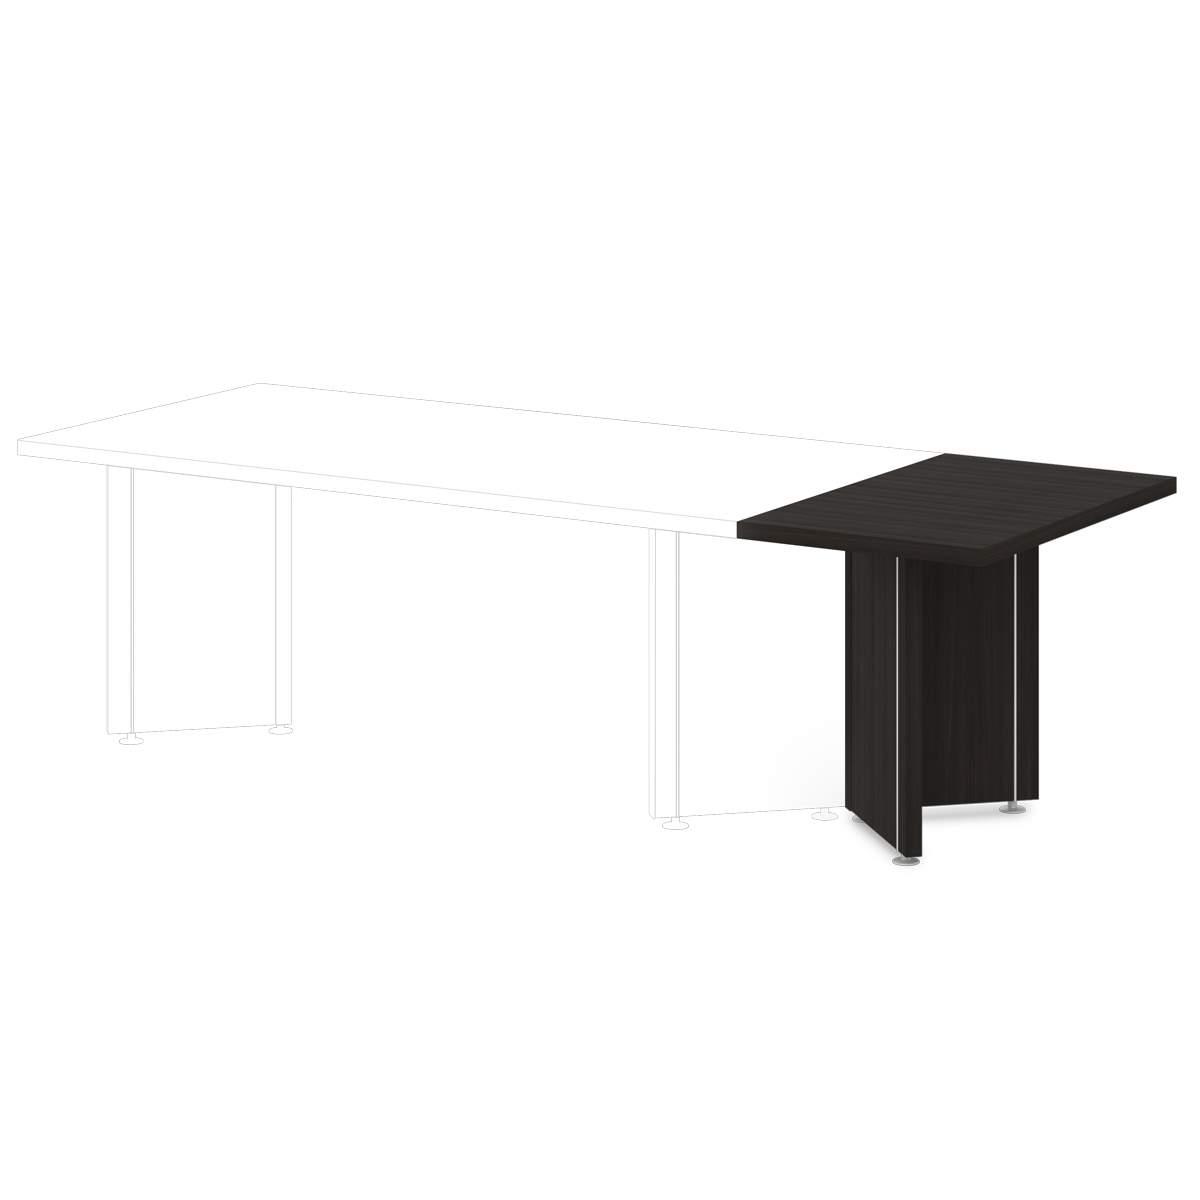 Приставка к столу для переговоров 600x1000x760